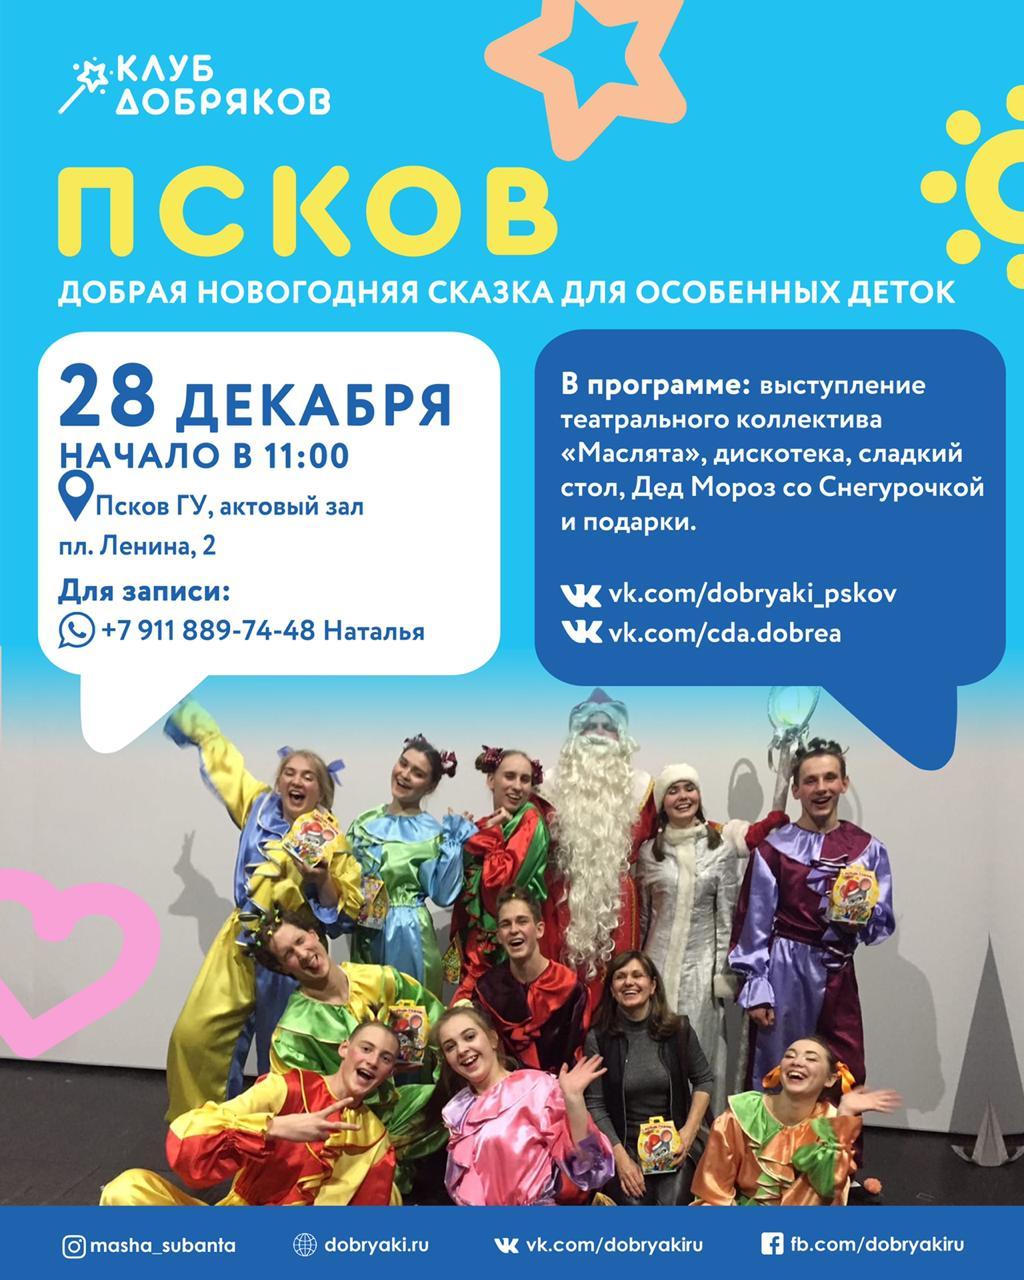 В Пскове состоится новогоднее представление для особенных детей